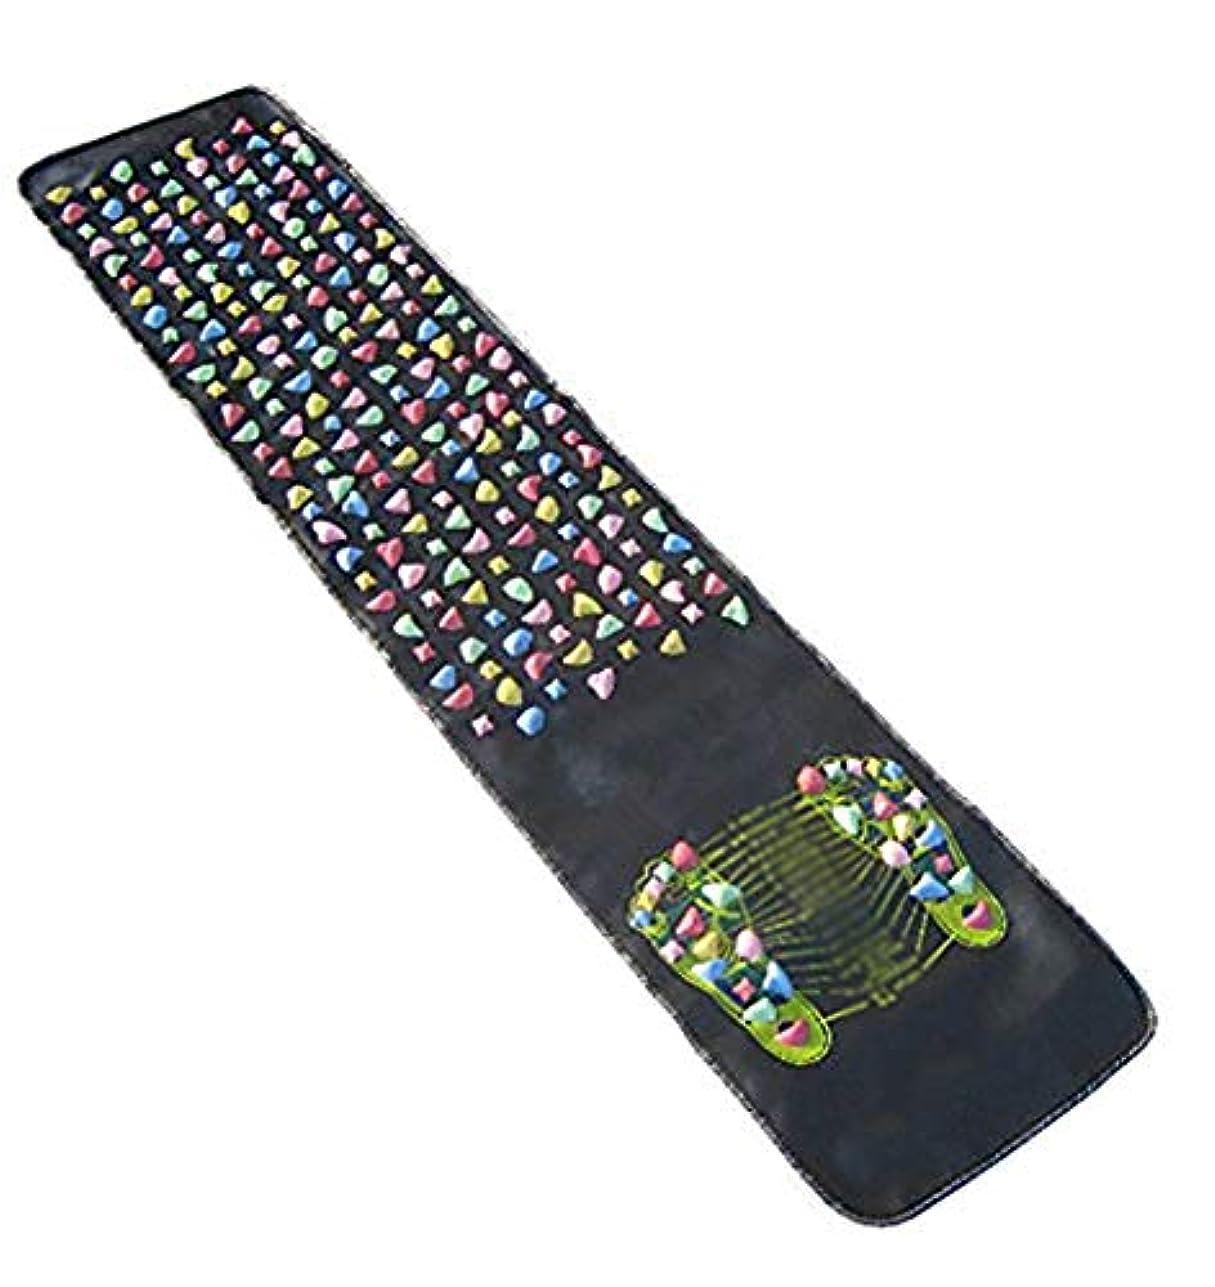 活気づく同一性光の健康ボード ウォーキングマット足つぼ マット フットマッサージマット 足裏マット マッサージ ツボ刺激 フットケア 折りたたみ